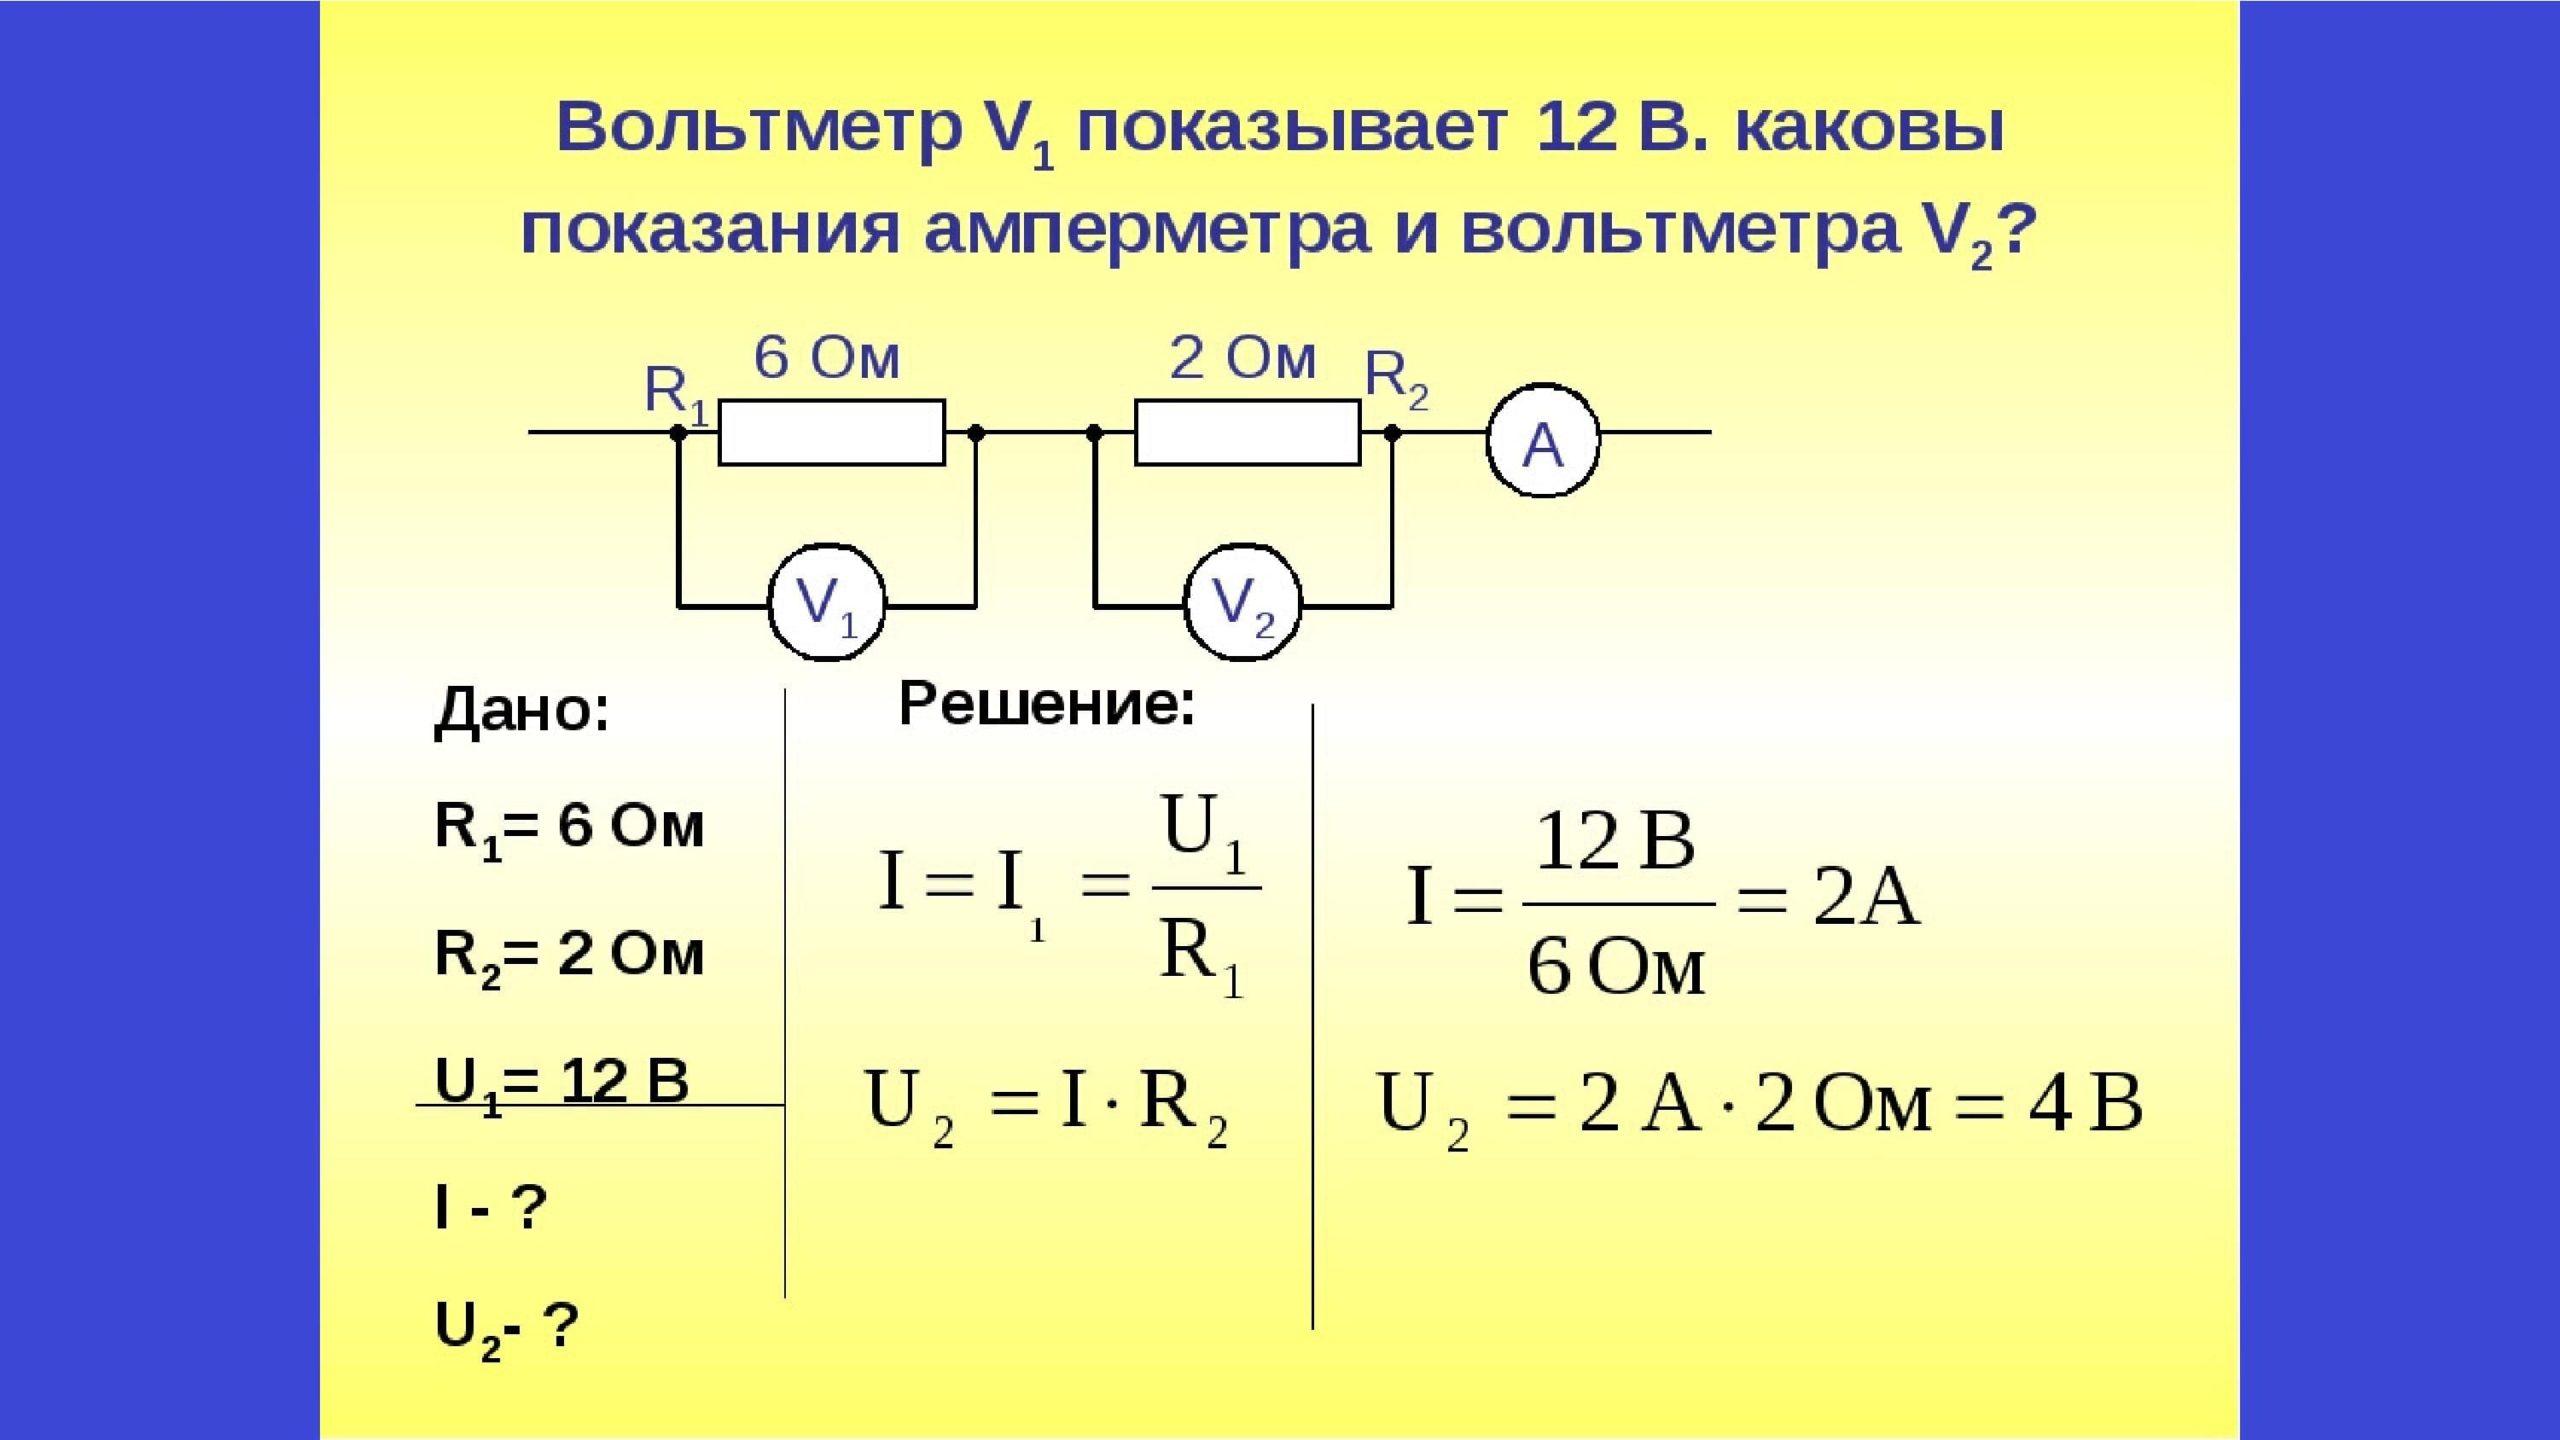 Вольтметр V1 показывает 12 В. Каковы показания амперметра